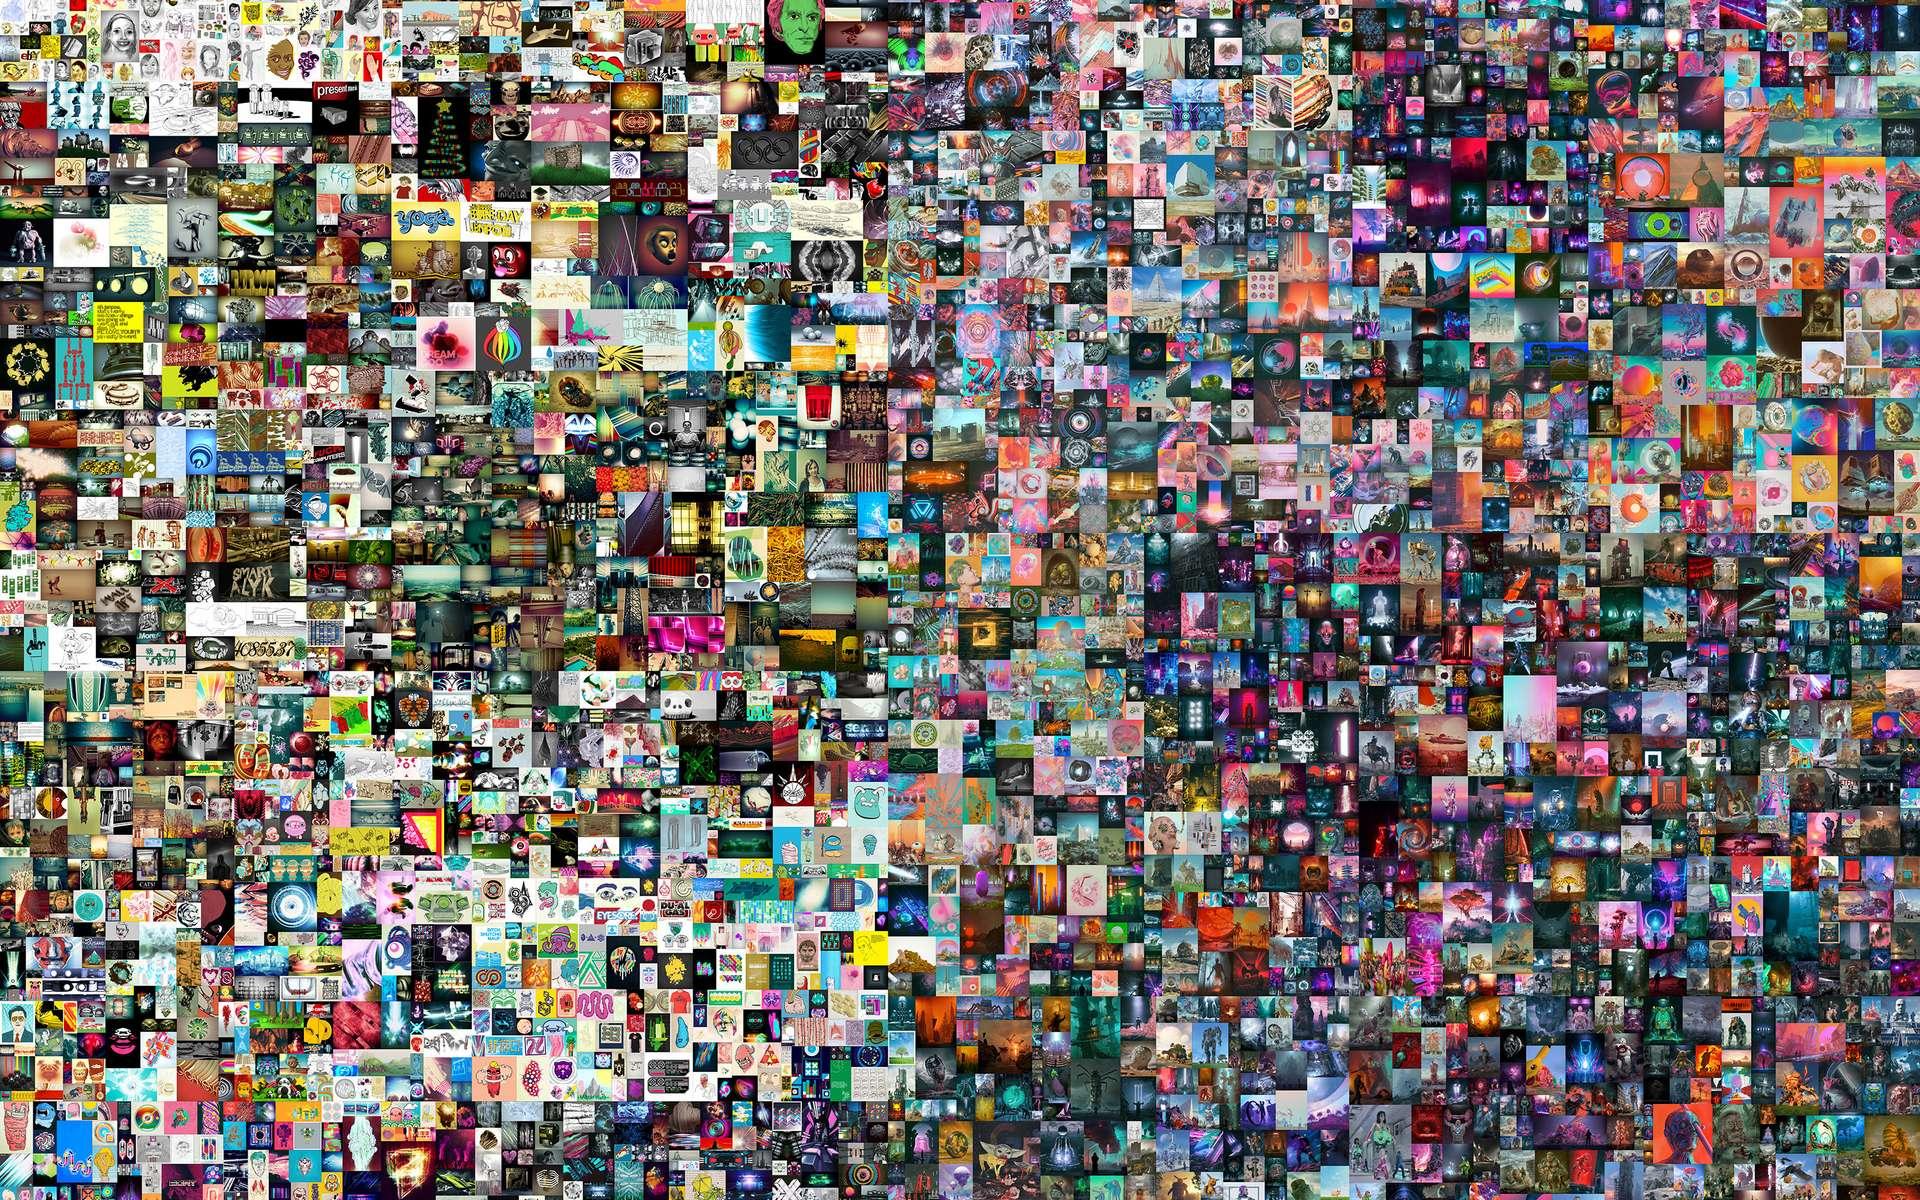 Everydays : the First 5.000 Days, le titre d'un collage de 5.000 images numériques s'est vendu aux enchères chez Christie's pour la somme astronomique de 69,3 millions de dollars. © Mike Winkelmann, alias Beeple